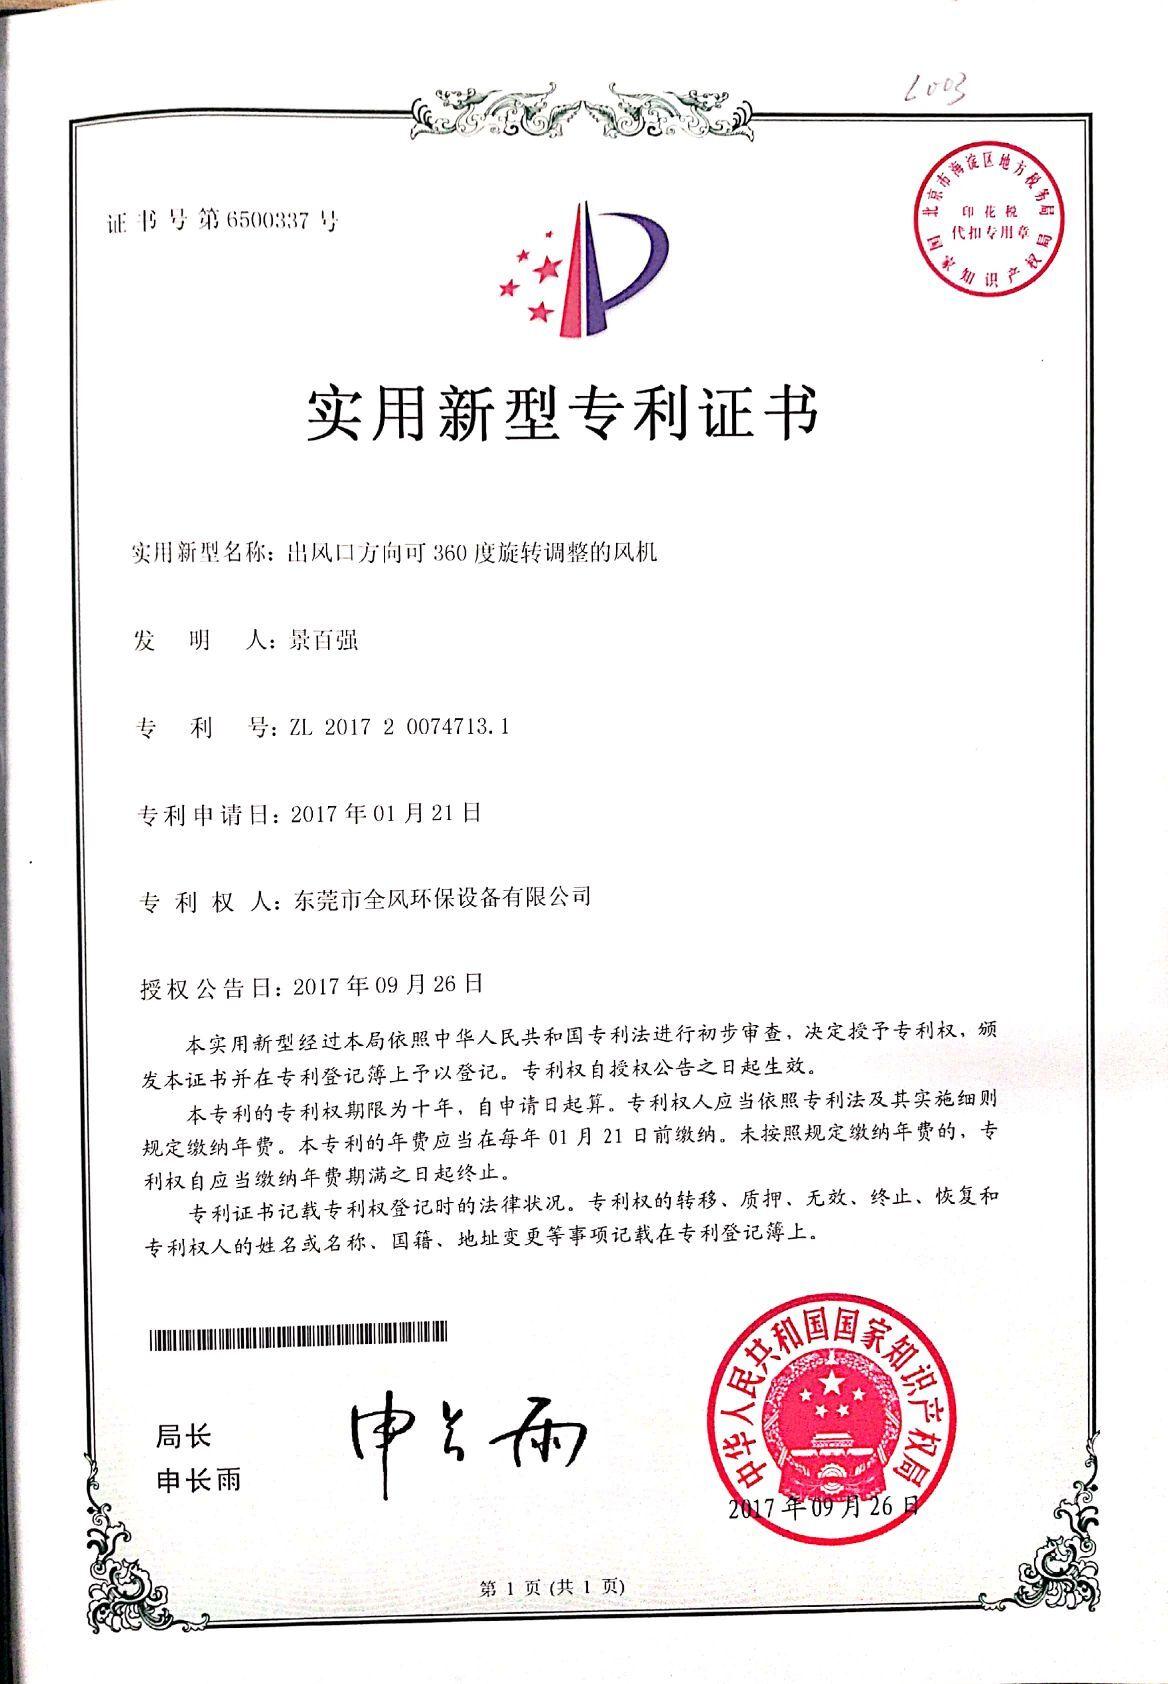 出风口方向可360度转调整的必威国际betway官网专利证书